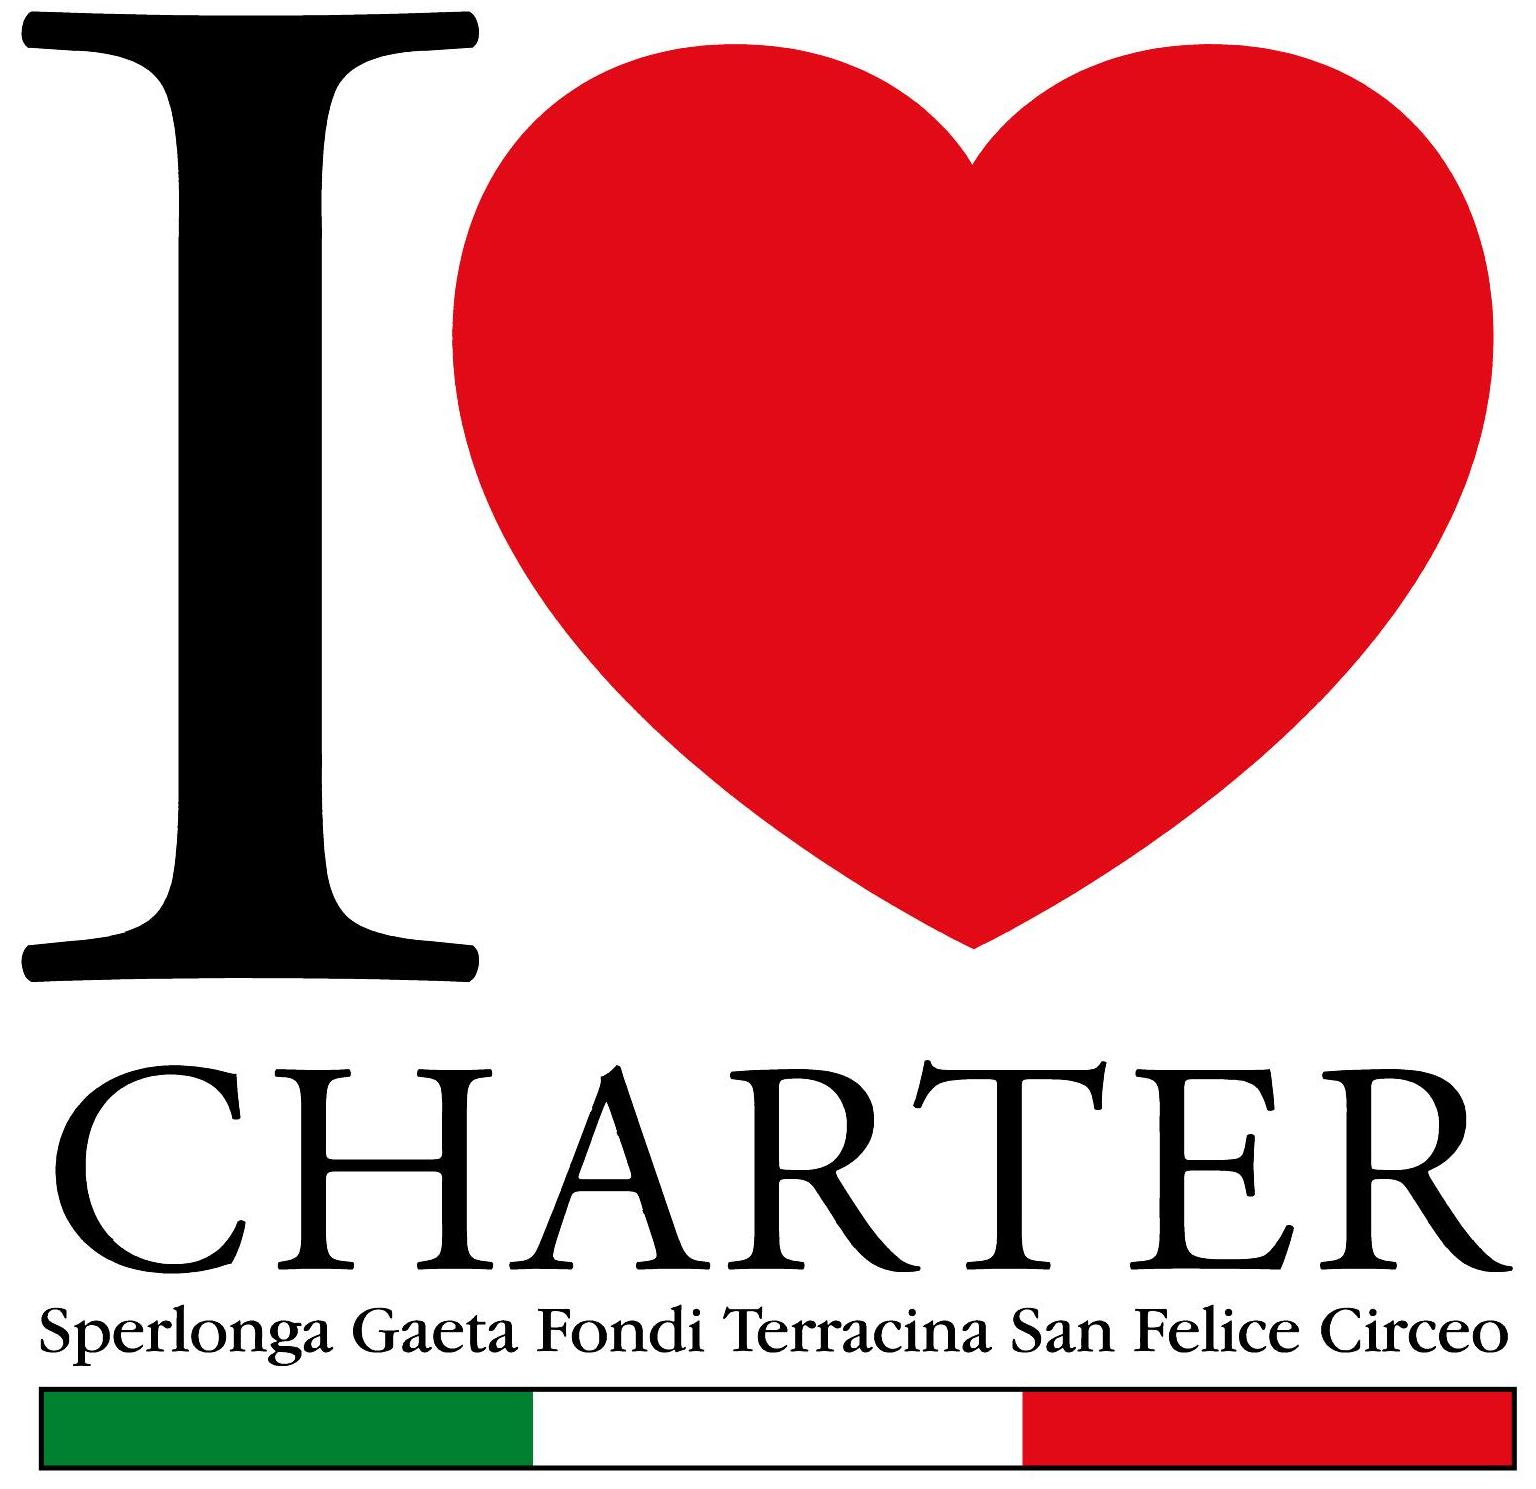 I Love Charter Charter Sperlonga escursioni, noleggio gommoni Sperlonga, Escursioni lungo costa Sperlonga, Gaeta escursioni, noleggio gommoni Gaeta, Escursioni lungo costa Gaeta, Fondi escursioni, noleggio gommoni Fondi, Escursioni lungo costa Fondi, Terracina escursioni, noleggio gommoni Terracina, Escursioni lungo costa Terracina, San Felice Circeo escursioni, noleggio gommoni San Felice Circeo, Escursioni lungo costa San Felice Circeo, Porto Badino escursioni, noleggio gommoni Porto Badino, Escursioni lungo costa Porto Badino